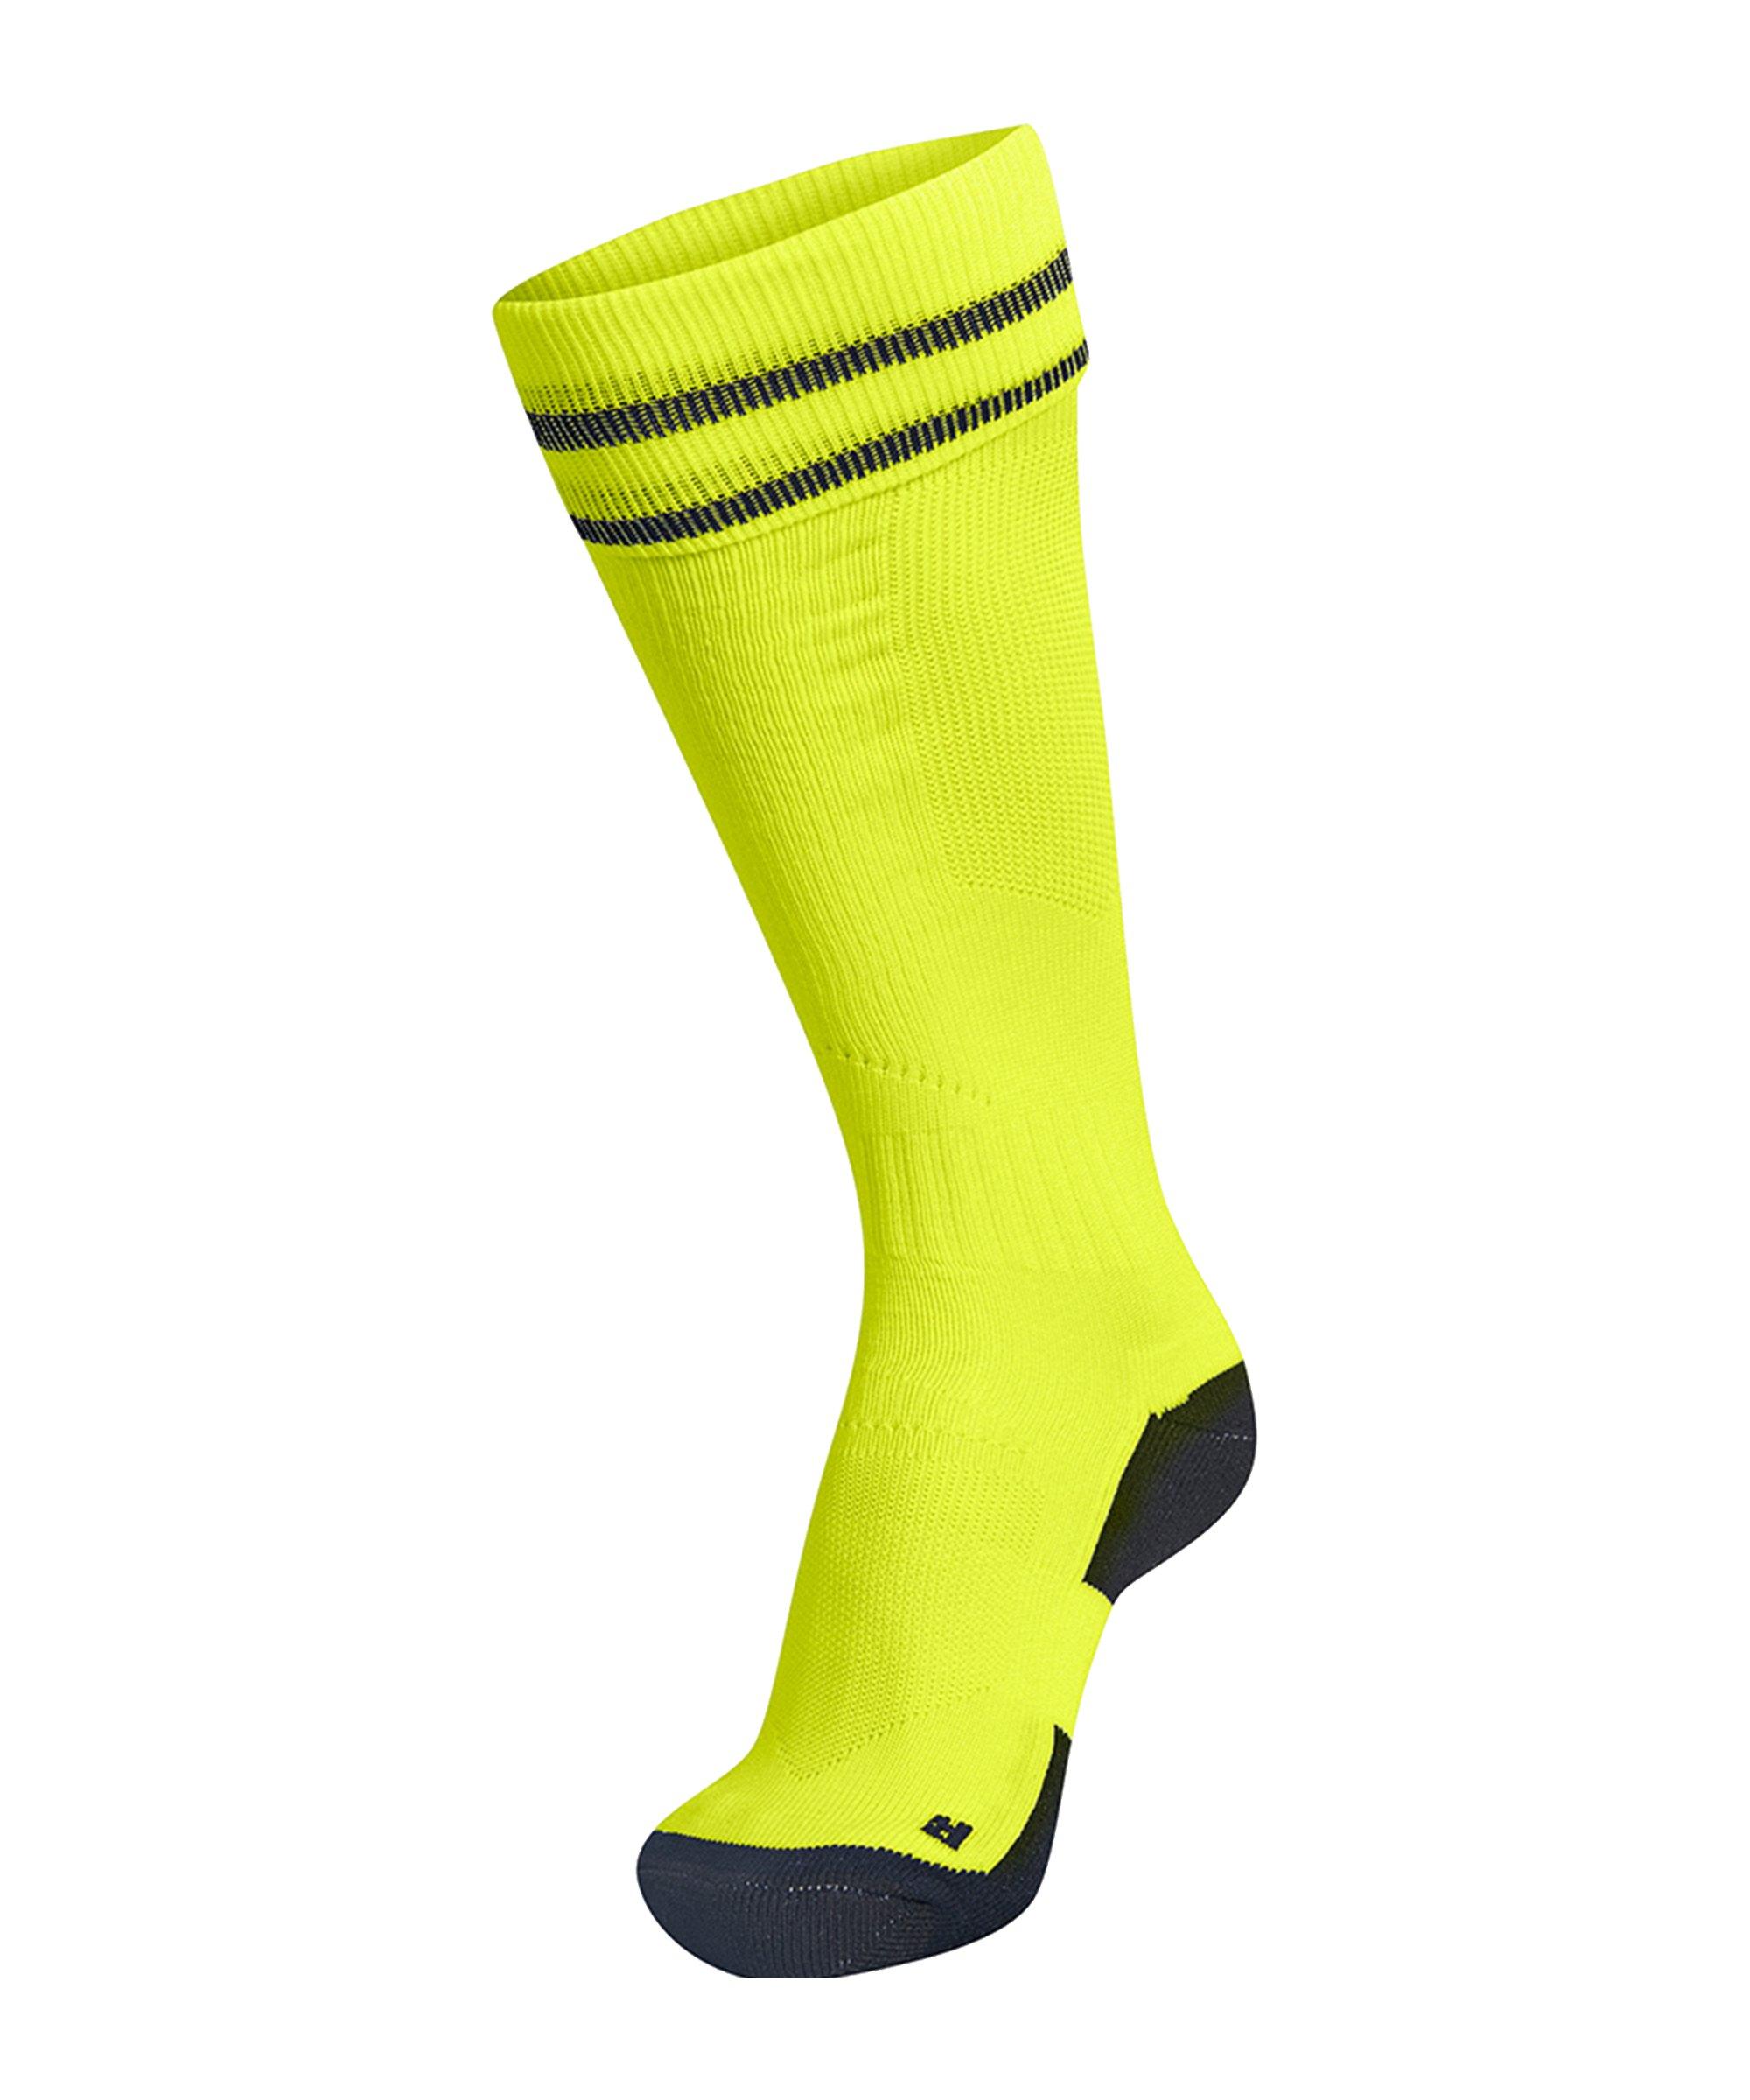 Hummel Element Football Sock Socken Gelb F6102 - Gelb